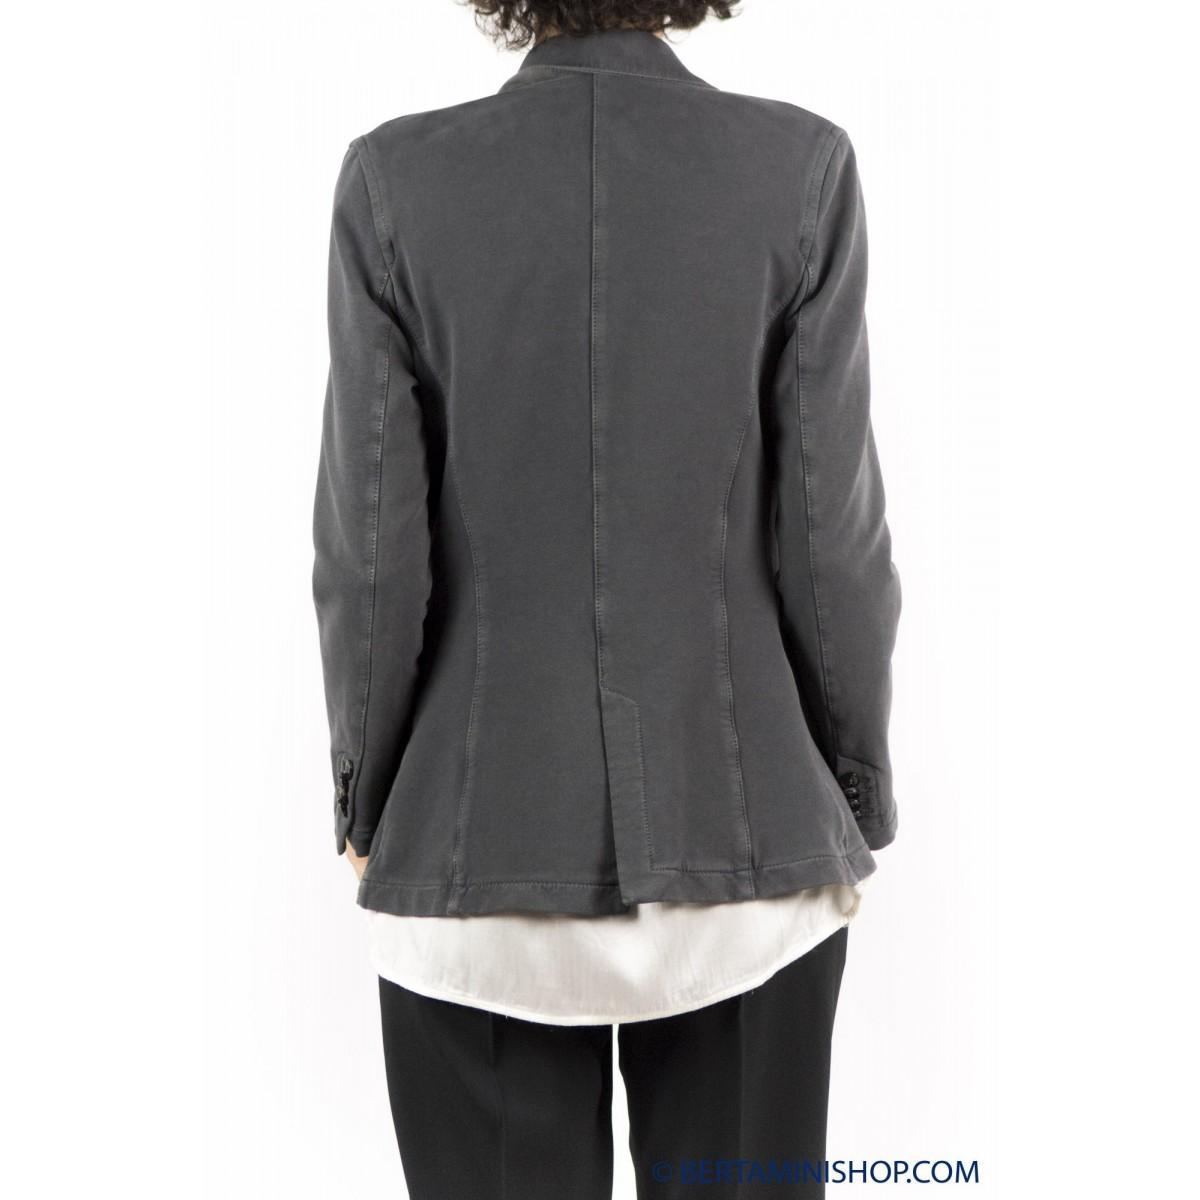 Blazer Circolo 1901 Woman - FD464 131 - Grigio scuro